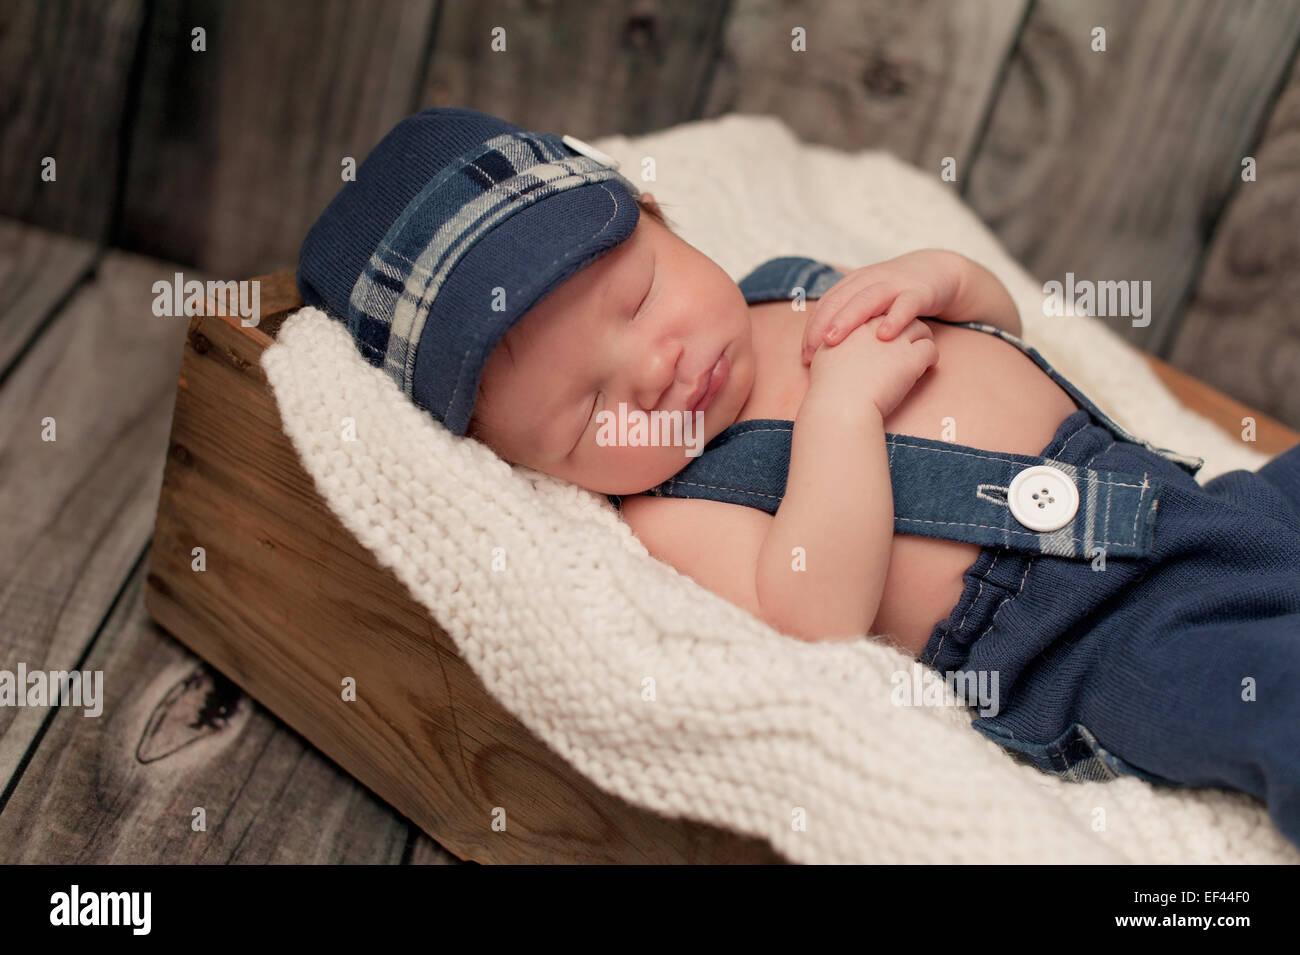 An eight day old newborn baby boy wearing a blue newsboy cap d4f1bcde89bc